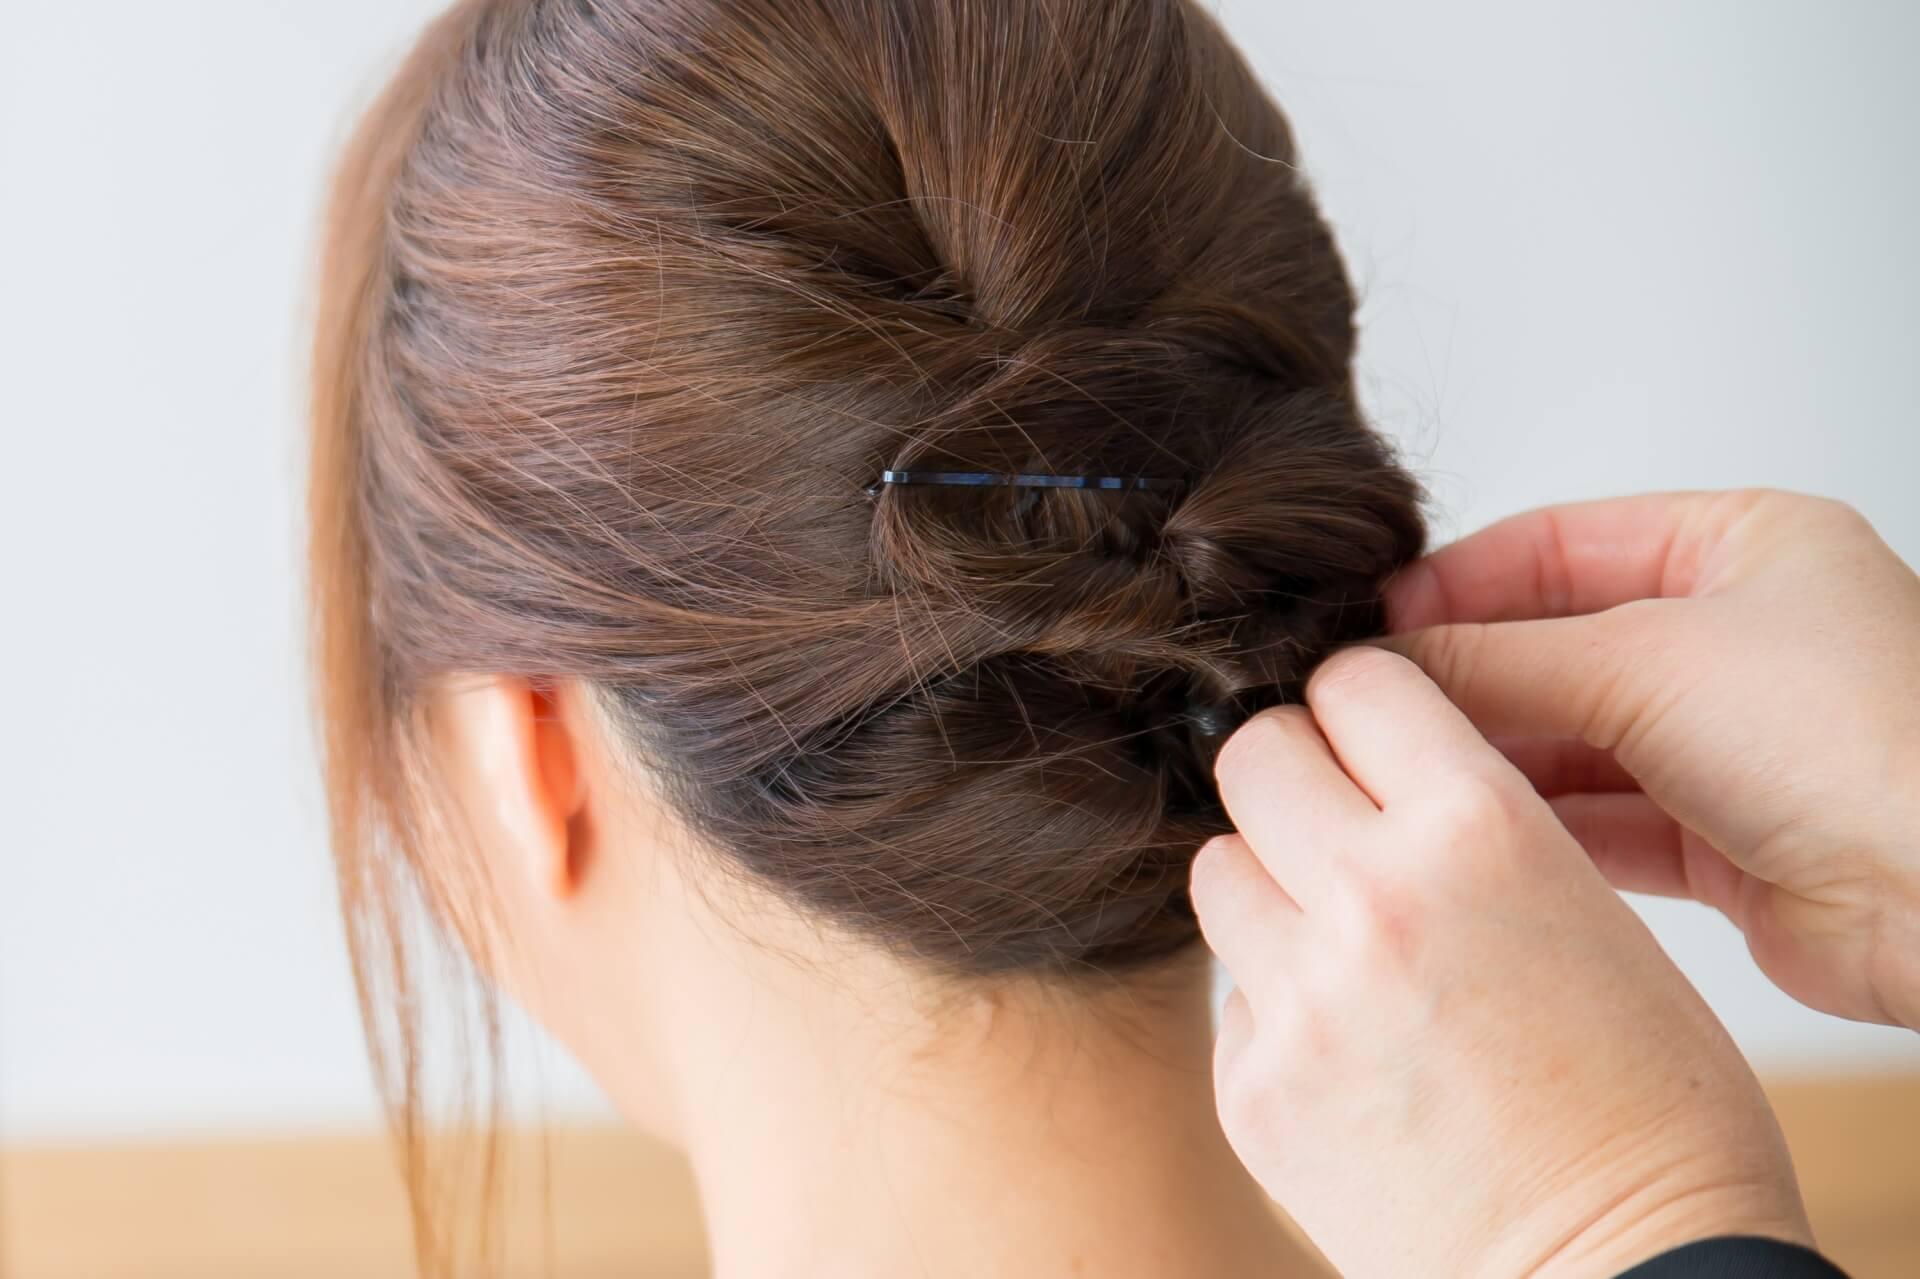 急なパーティーでもヘアスタイルをすぐに華やかにするコツ3つご紹介!